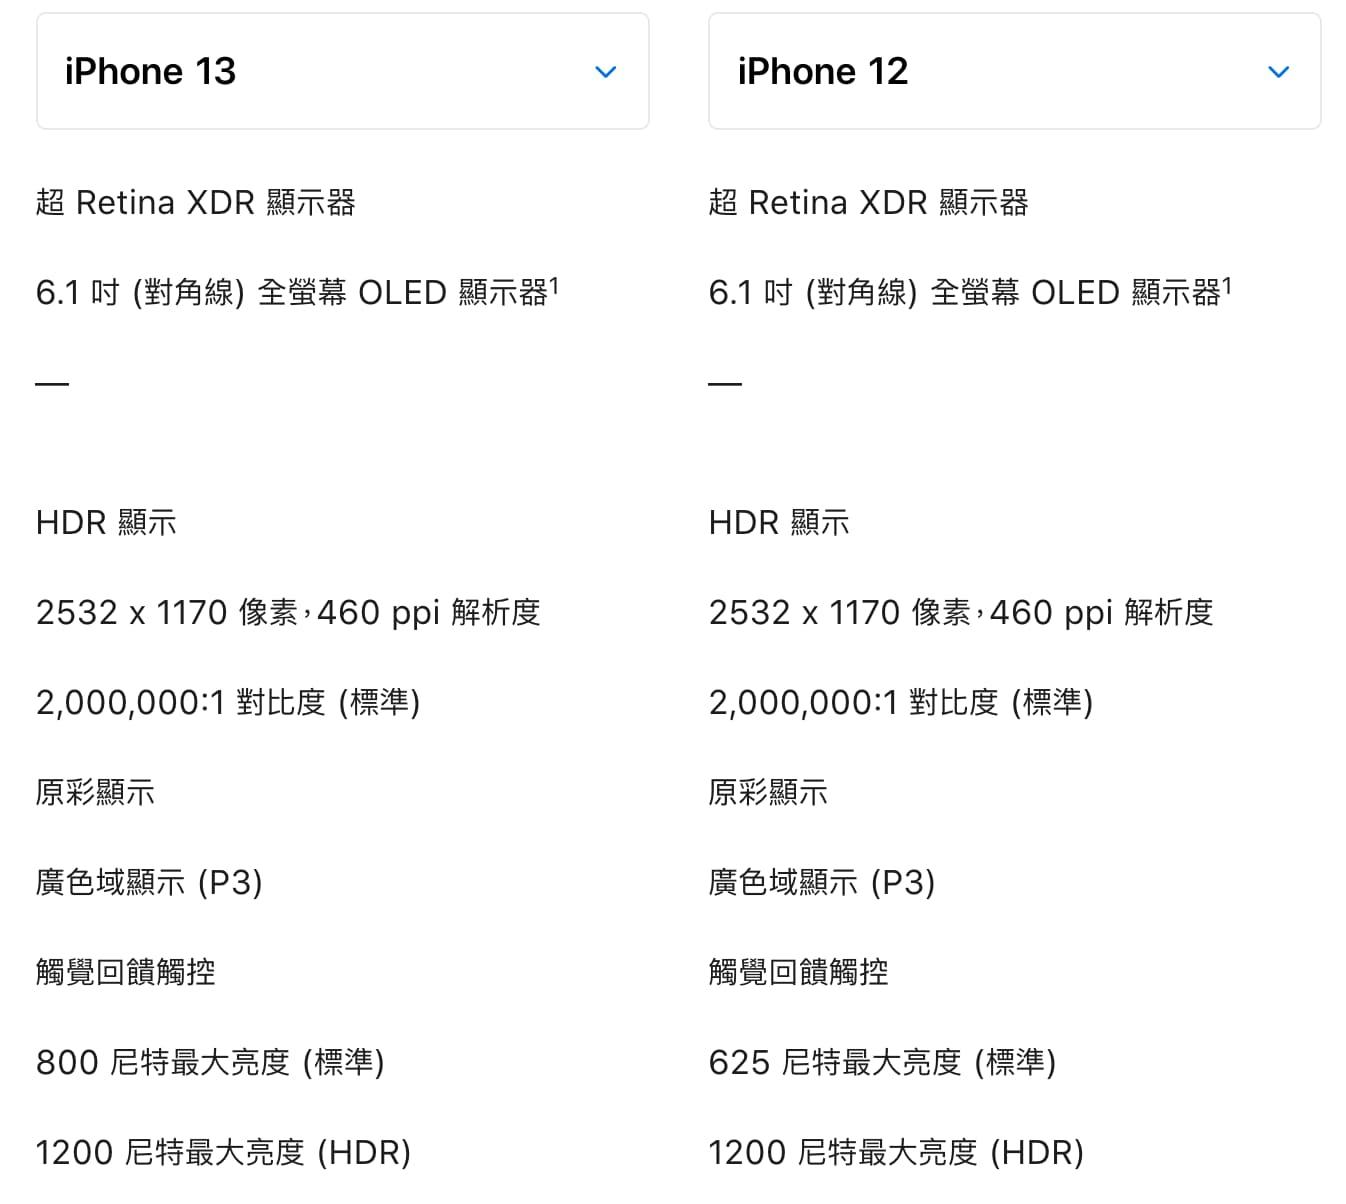 螢幕差異:OLED 亮度1